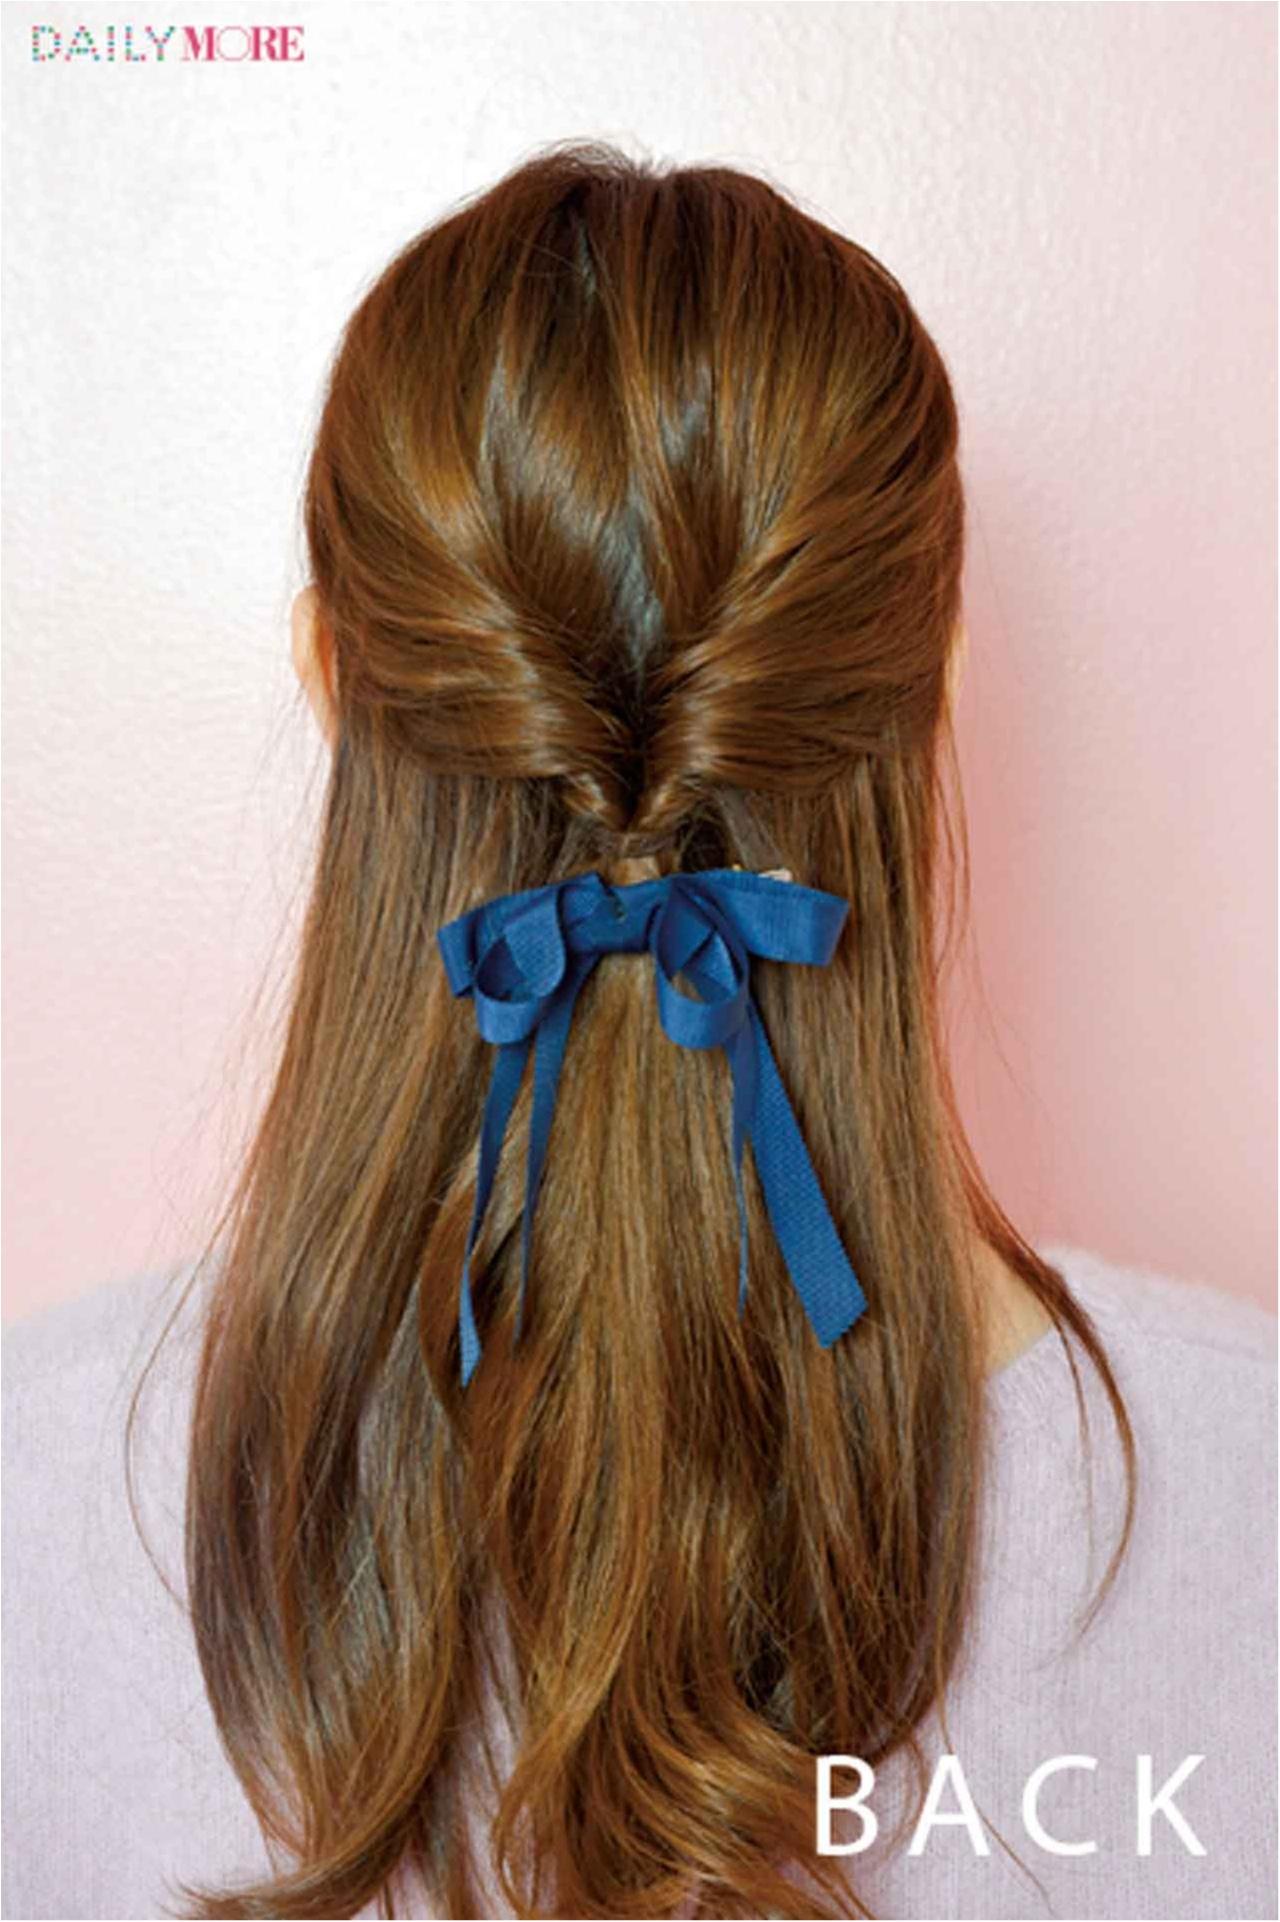 結婚式特集《髪型編》- 簡単にできるお招ばれヘアアレンジや、おすすめヘアアクセサリー_16